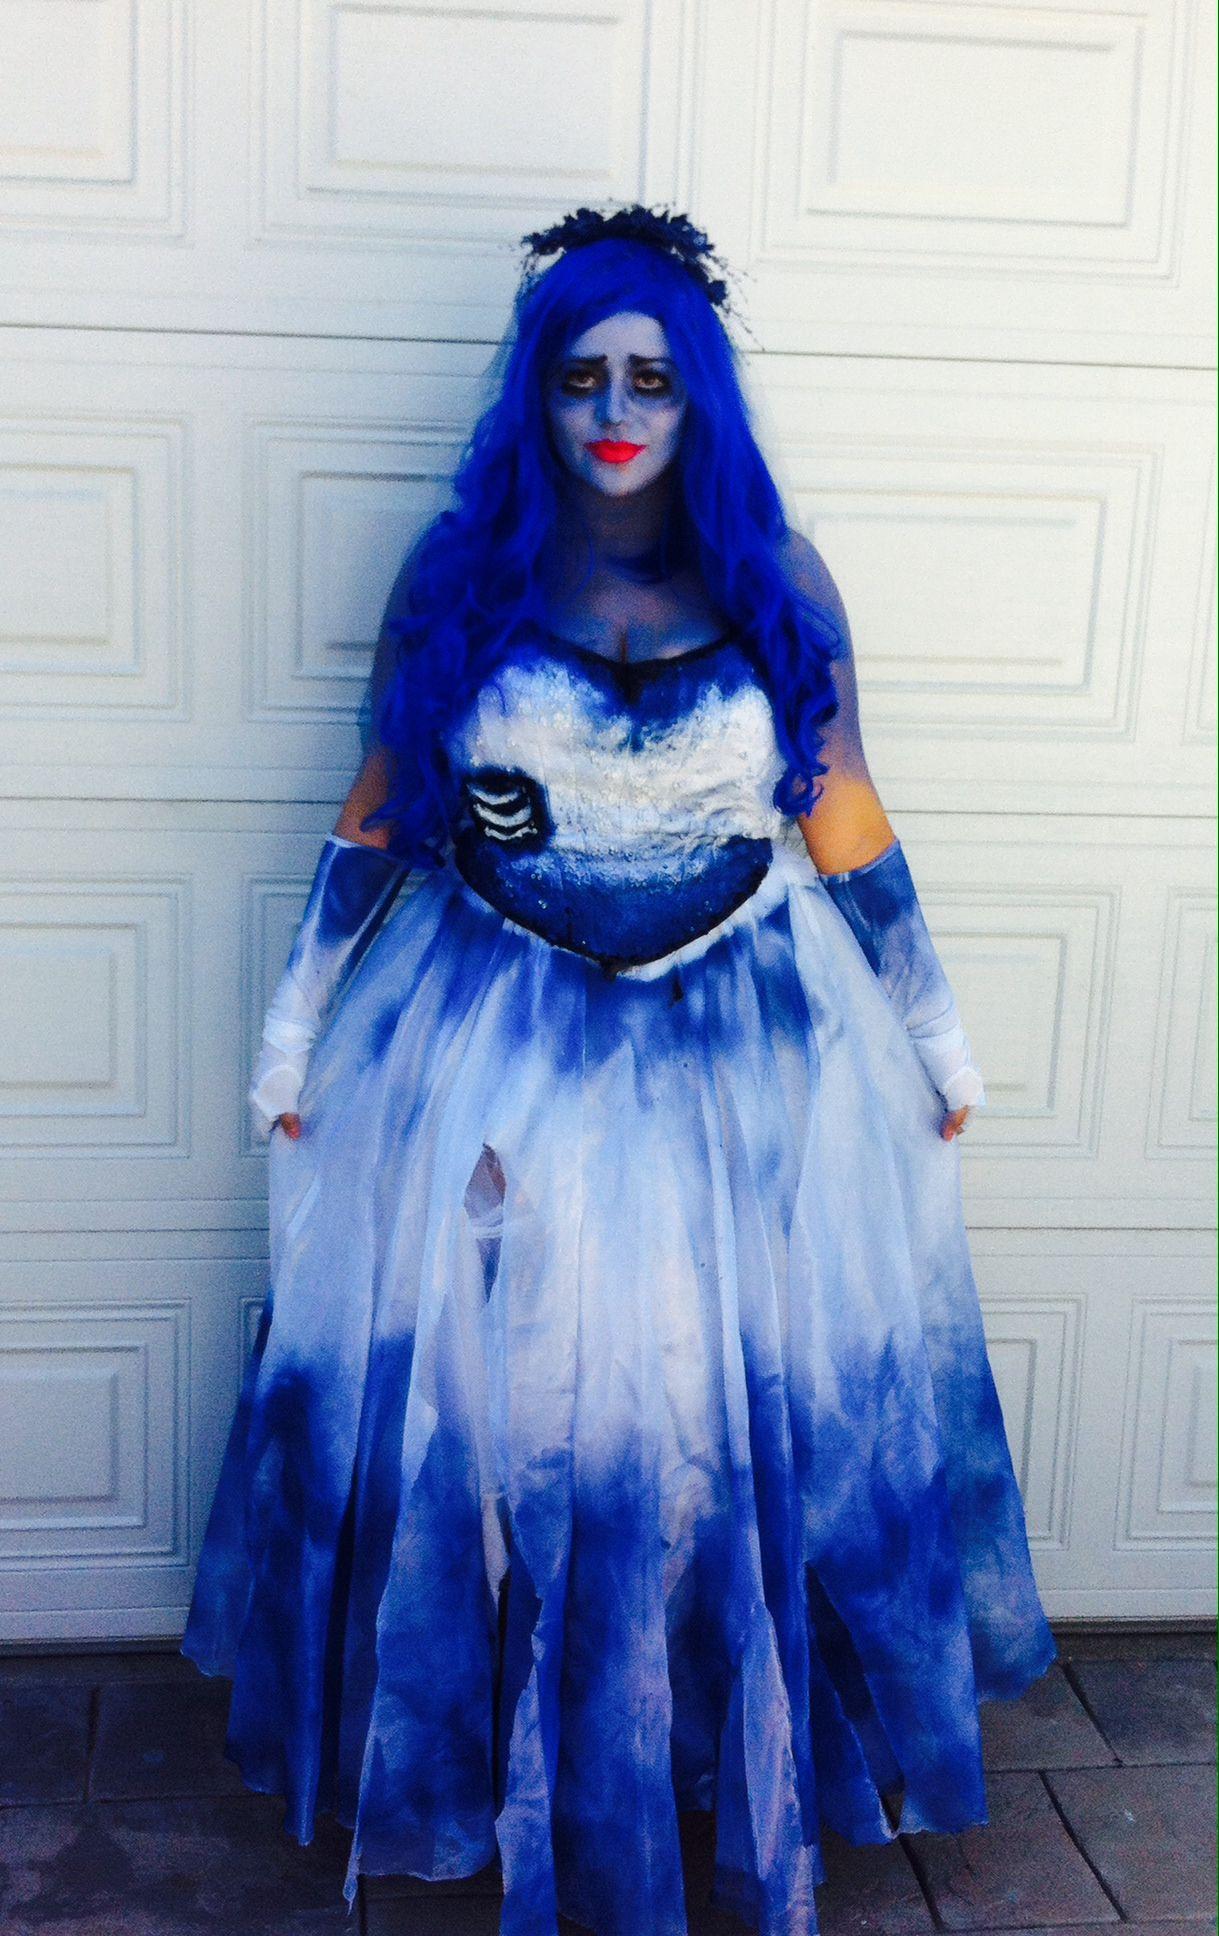 Corpse bride costume diy fashion 38